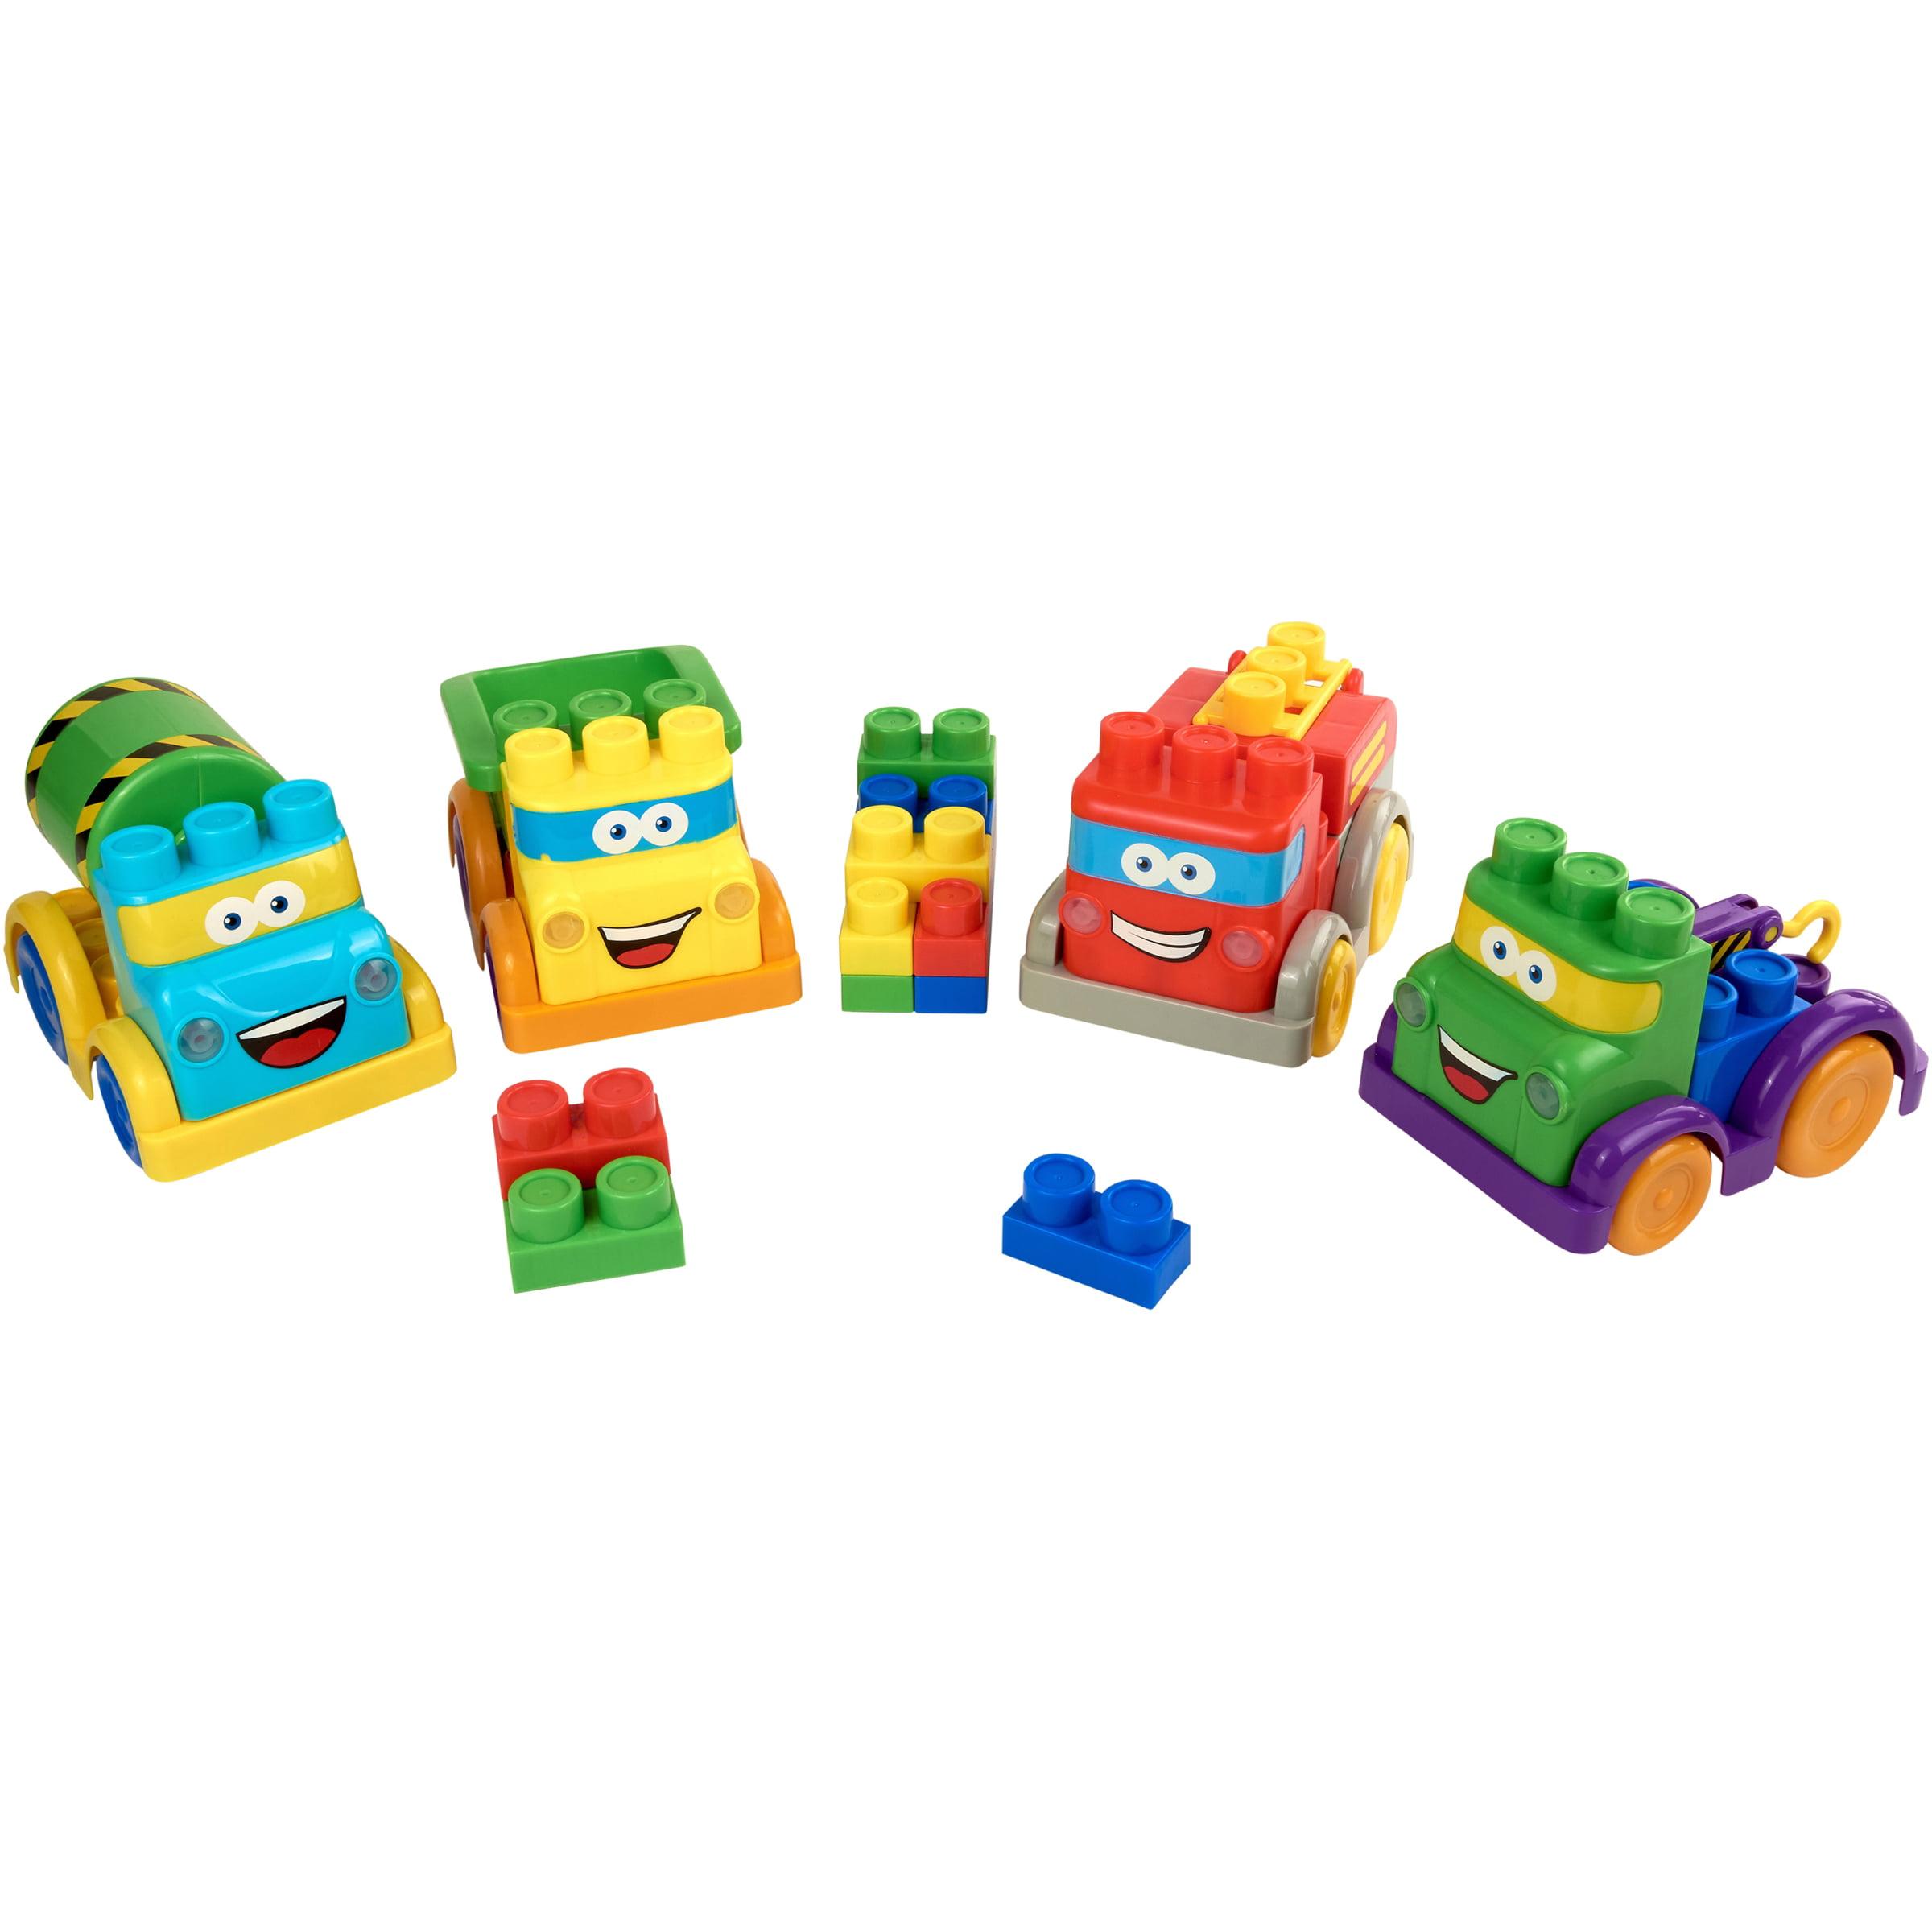 kids Building Blocks Set Car Toy Indoor Outdoor Blocks Set Kids Toy